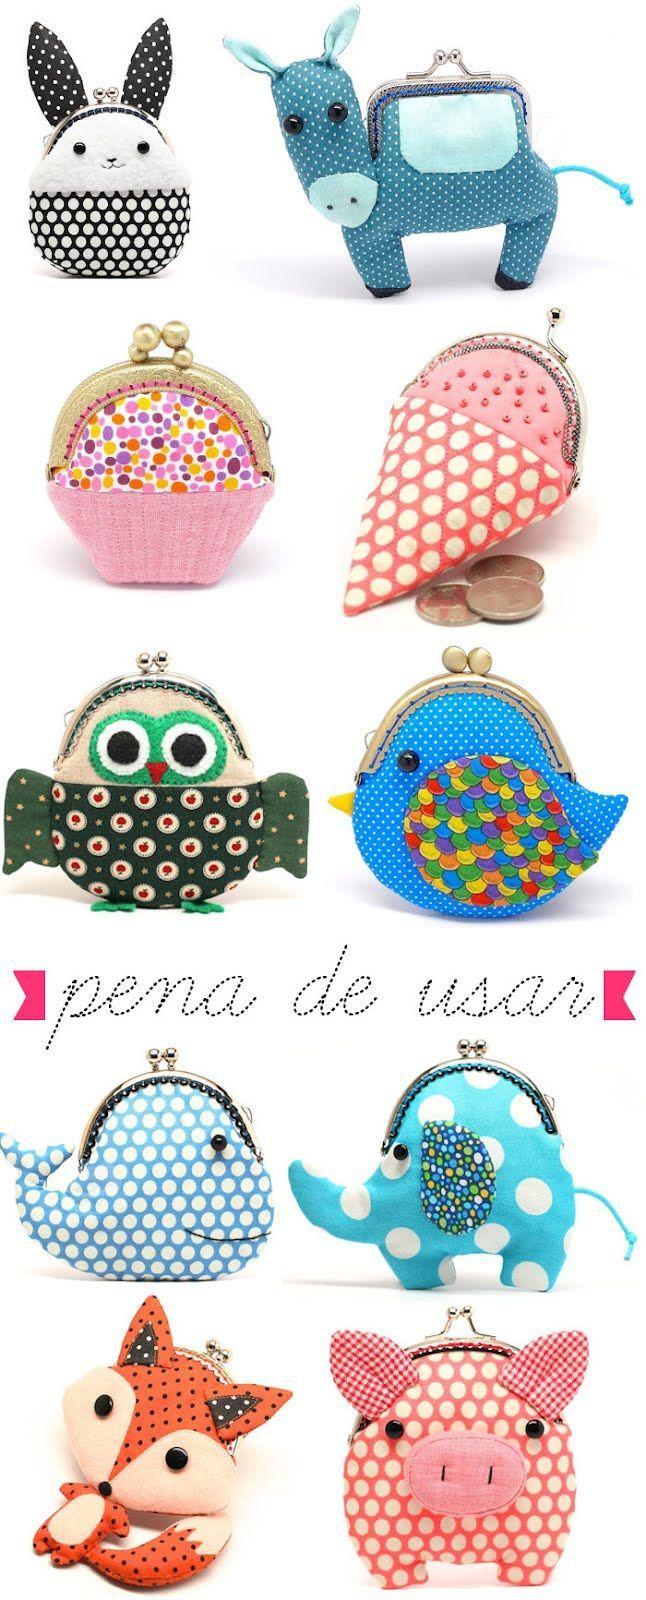 Ricota Não Derrete - Blog de moda, beleza, celebridades e conversa mole: